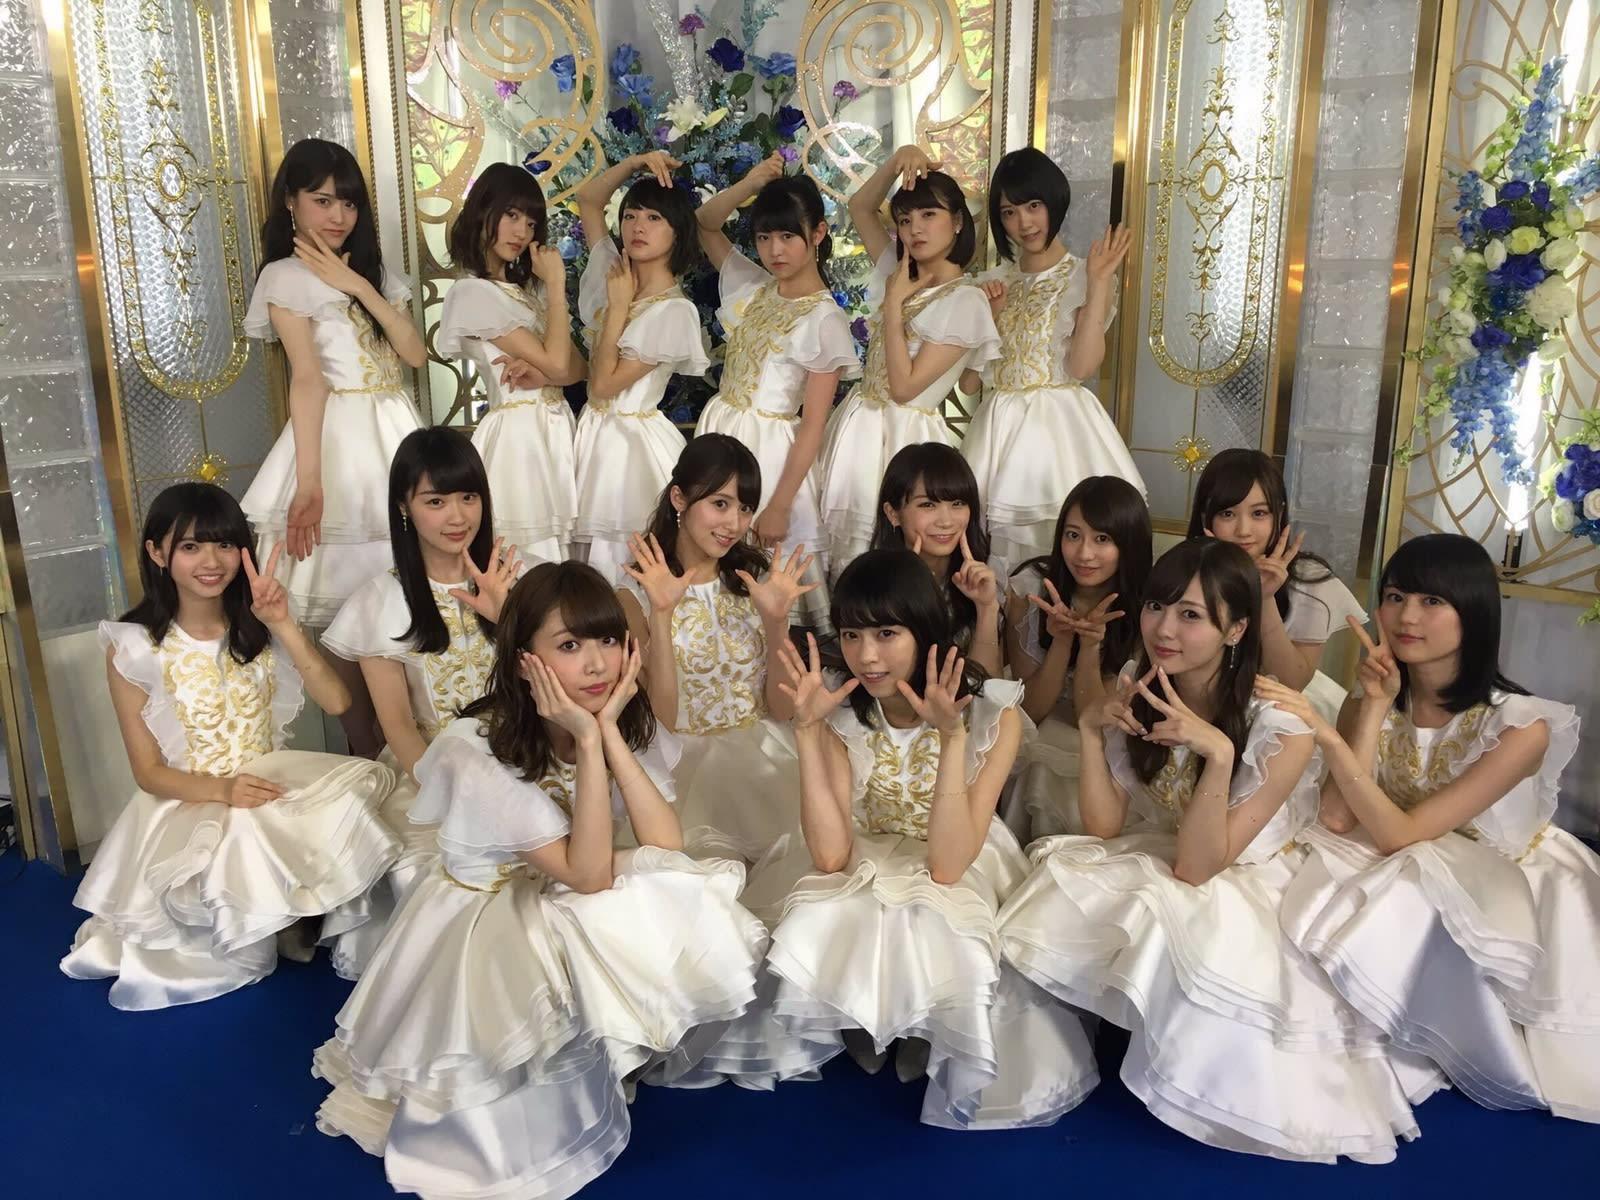 http://blogimg.goo.ne.jp/user_image/51/63/209994cf14dcf4e6bf36f2b6f54ad8d8.jpg